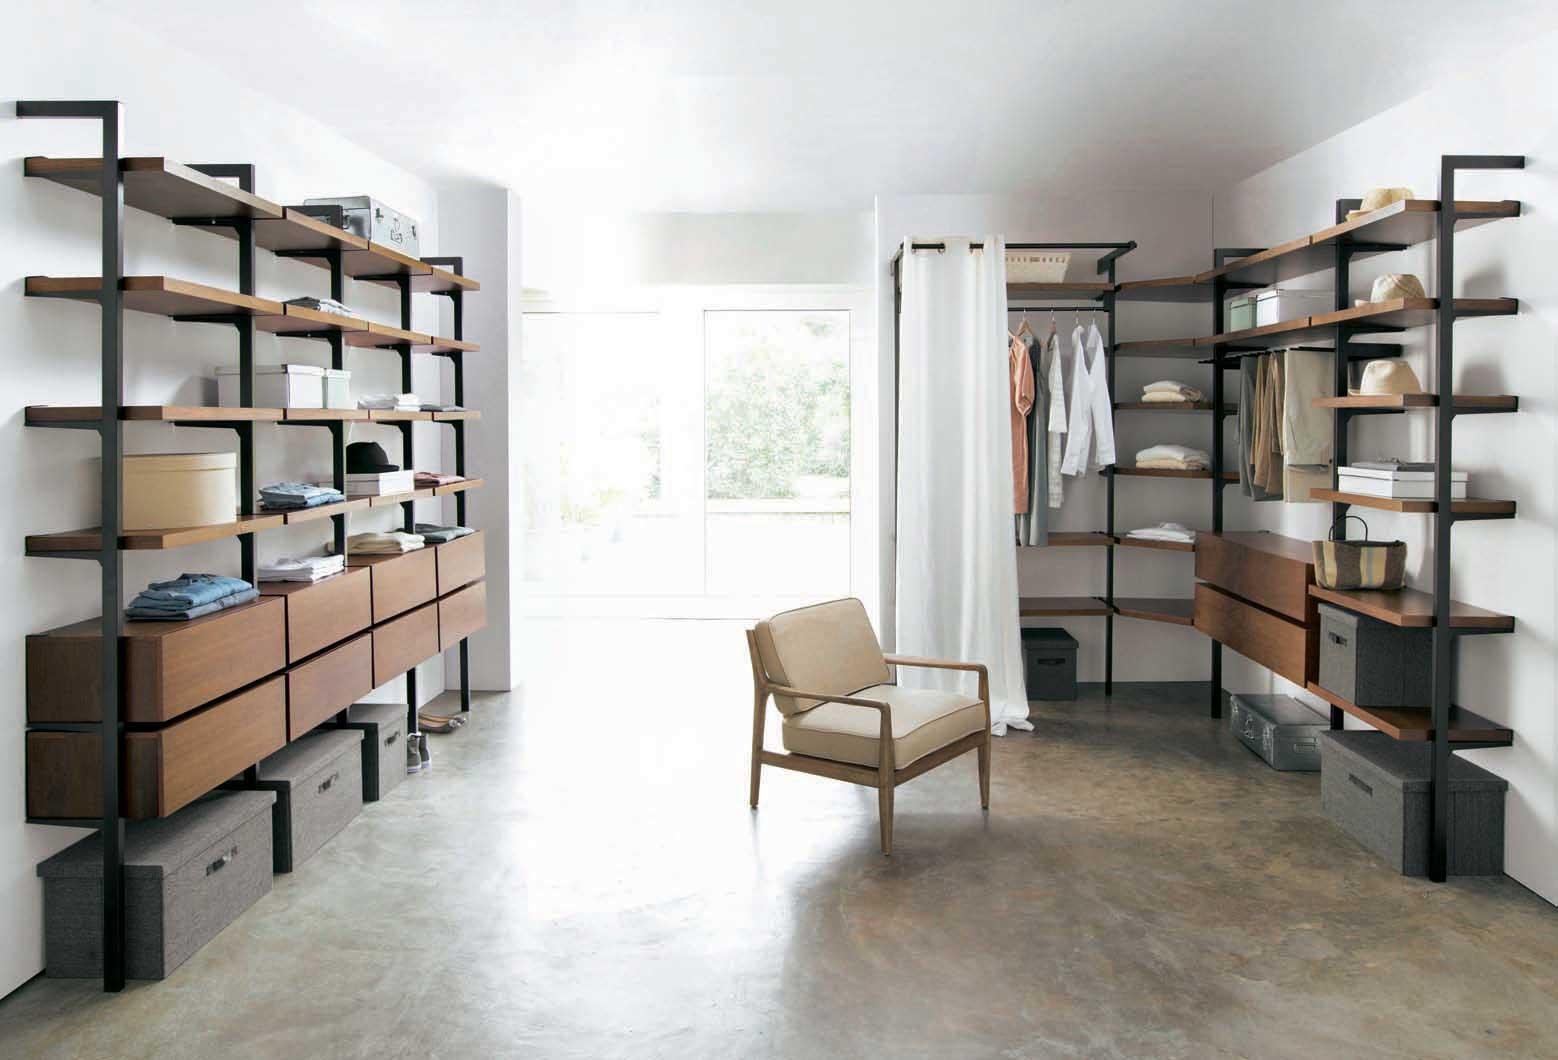 dressing am pm kyriel. Black Bedroom Furniture Sets. Home Design Ideas